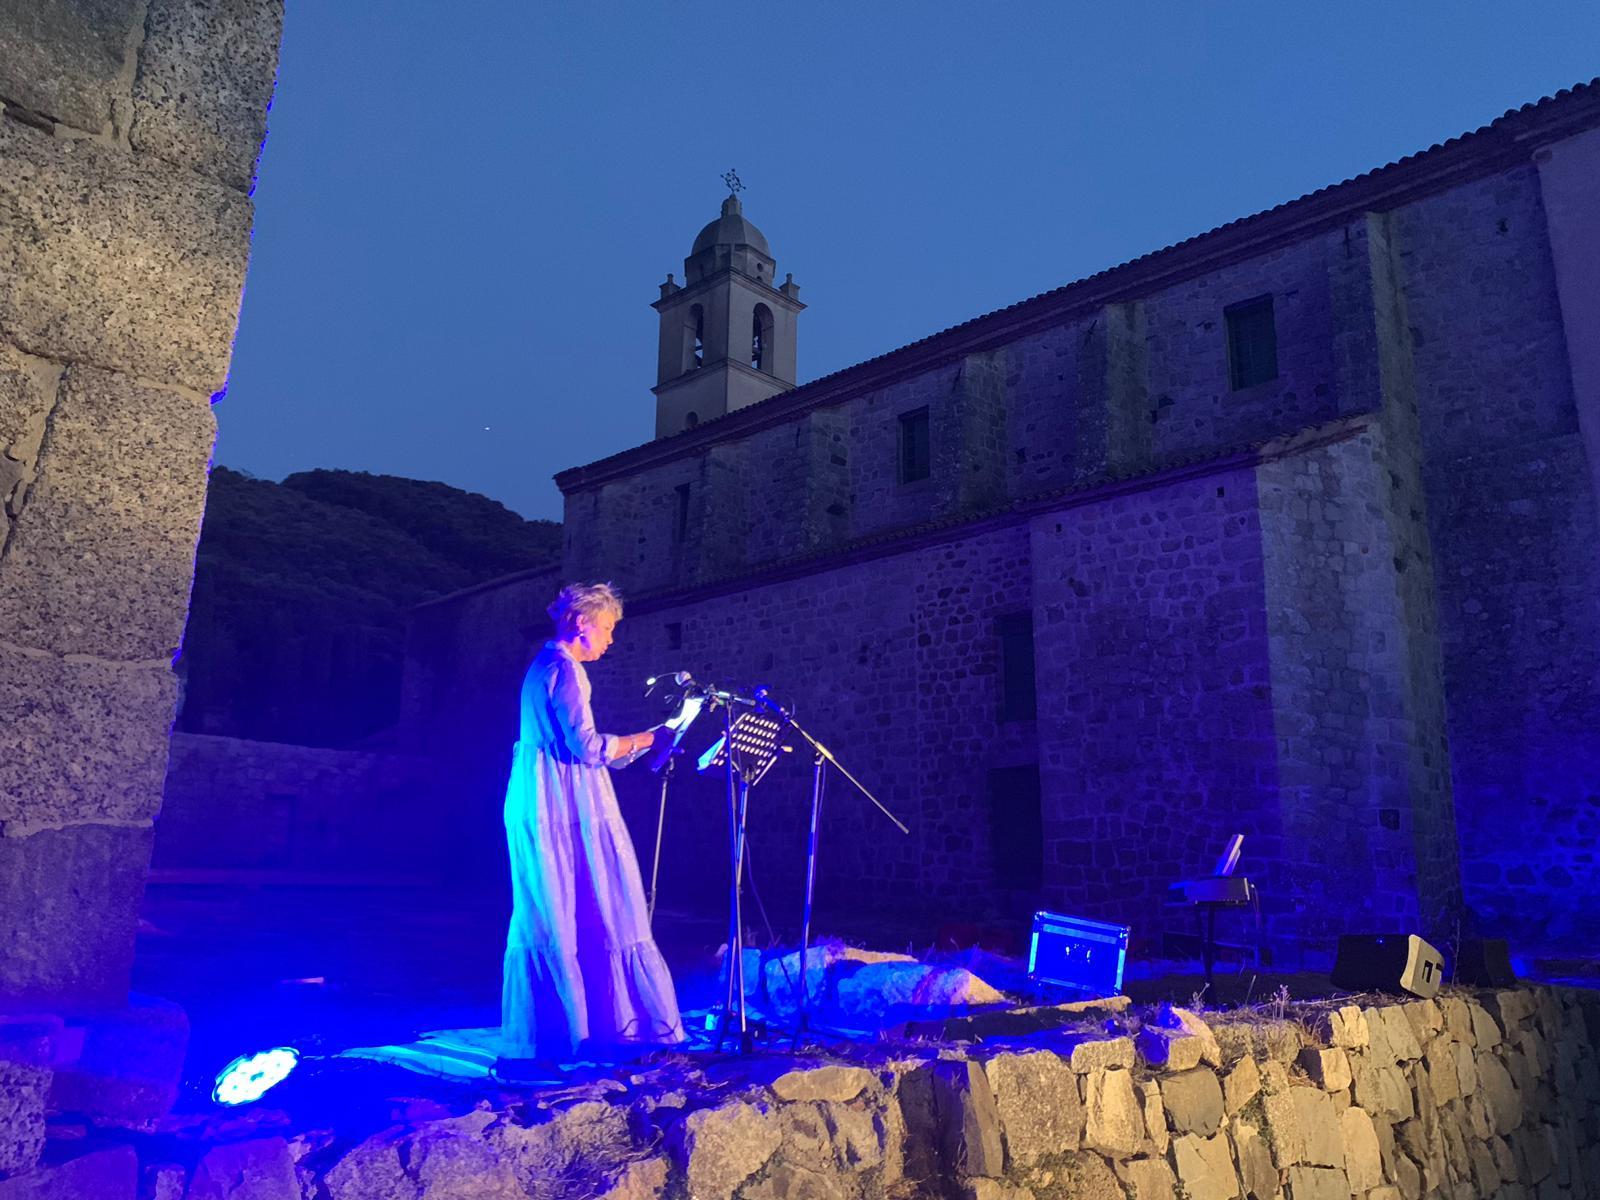 Altaleghe : en Alta Rocca, la nuit fut magique et le public conquis